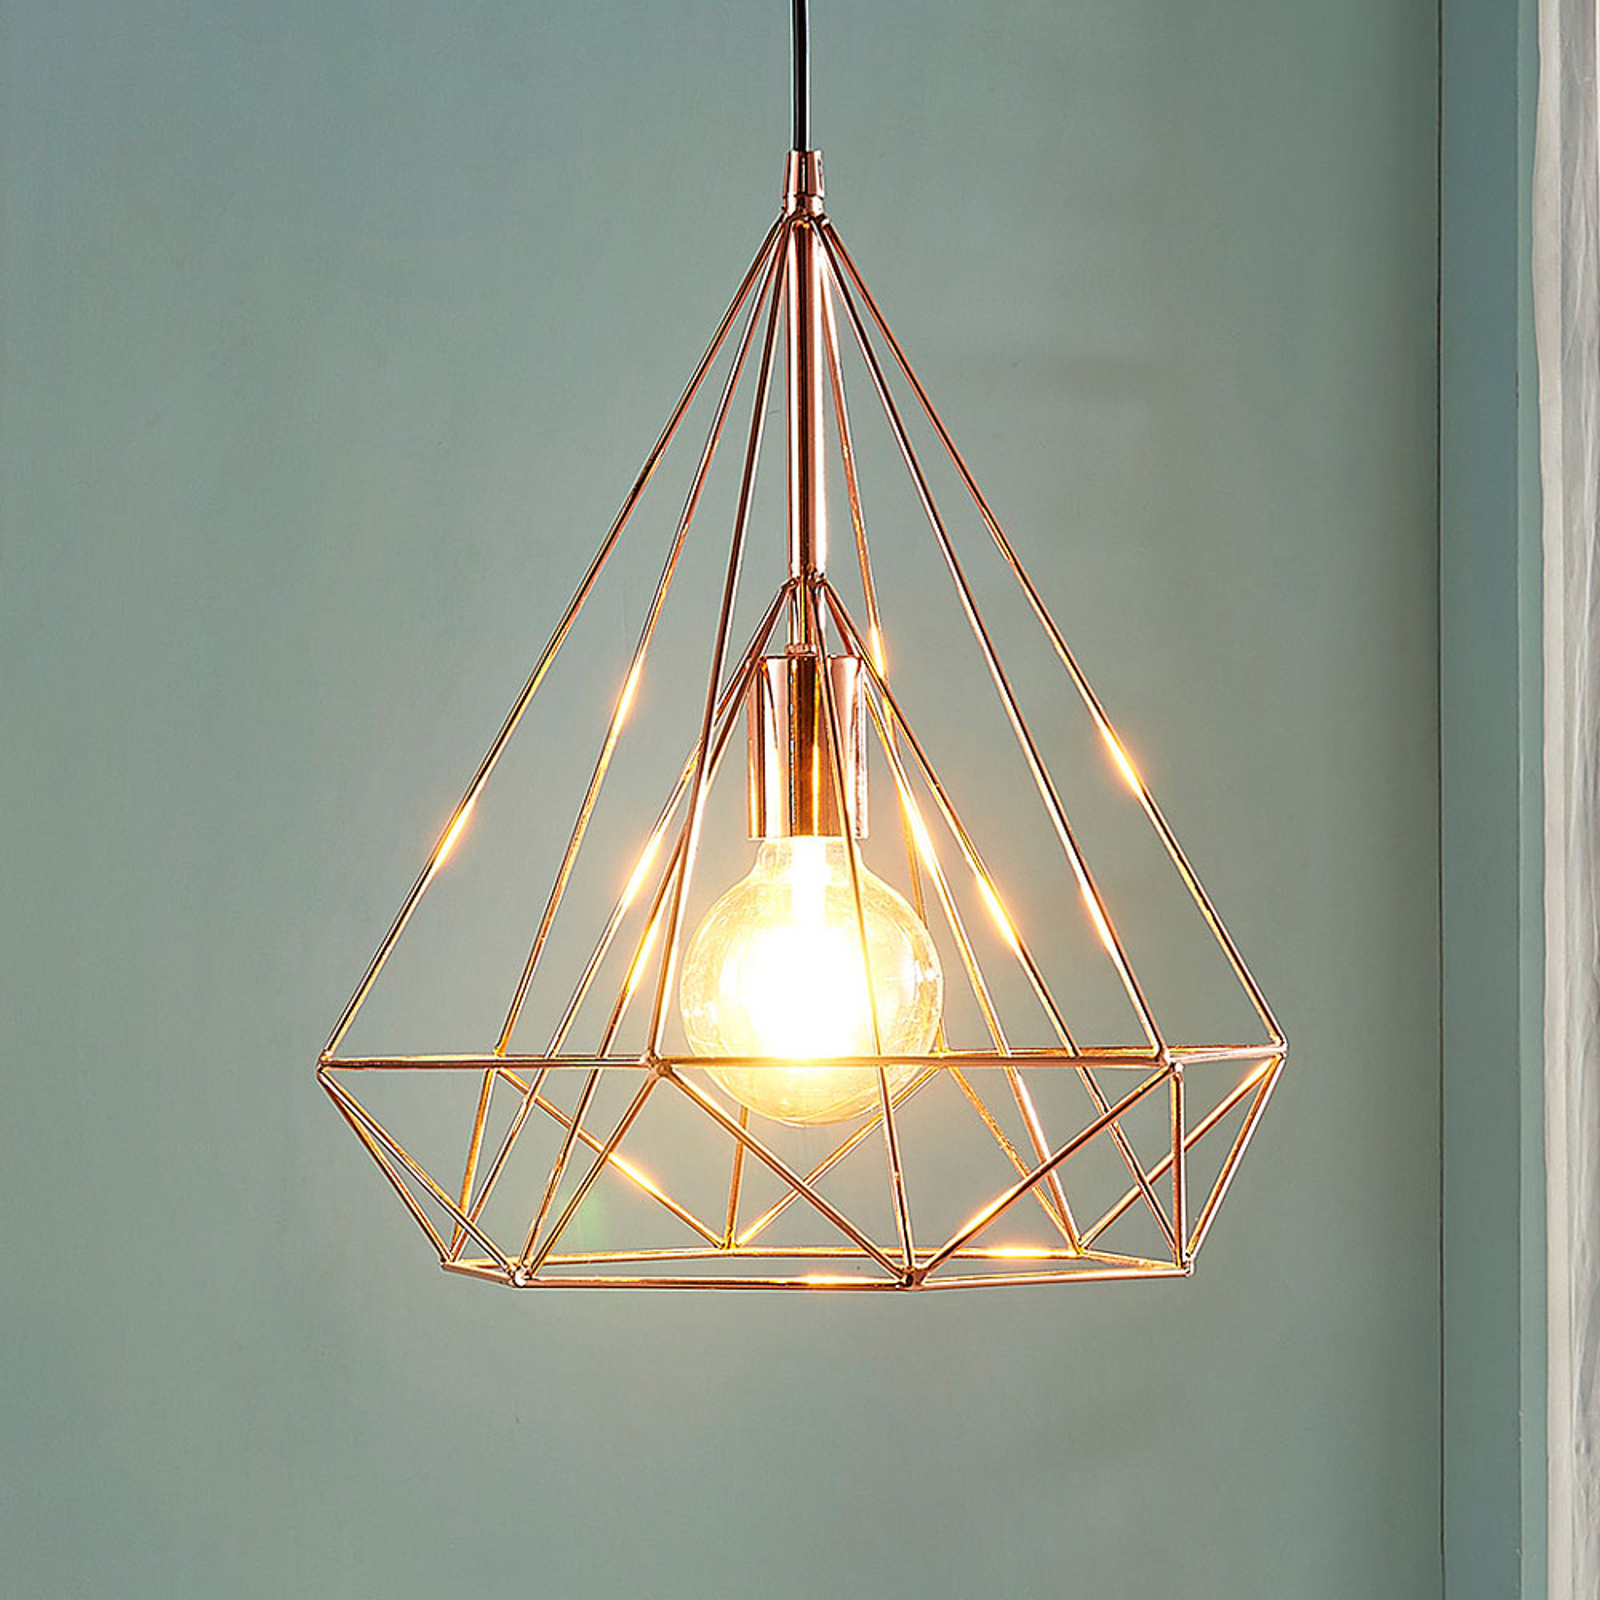 Copper-coloured cage pendant light Jossa_9621153_1